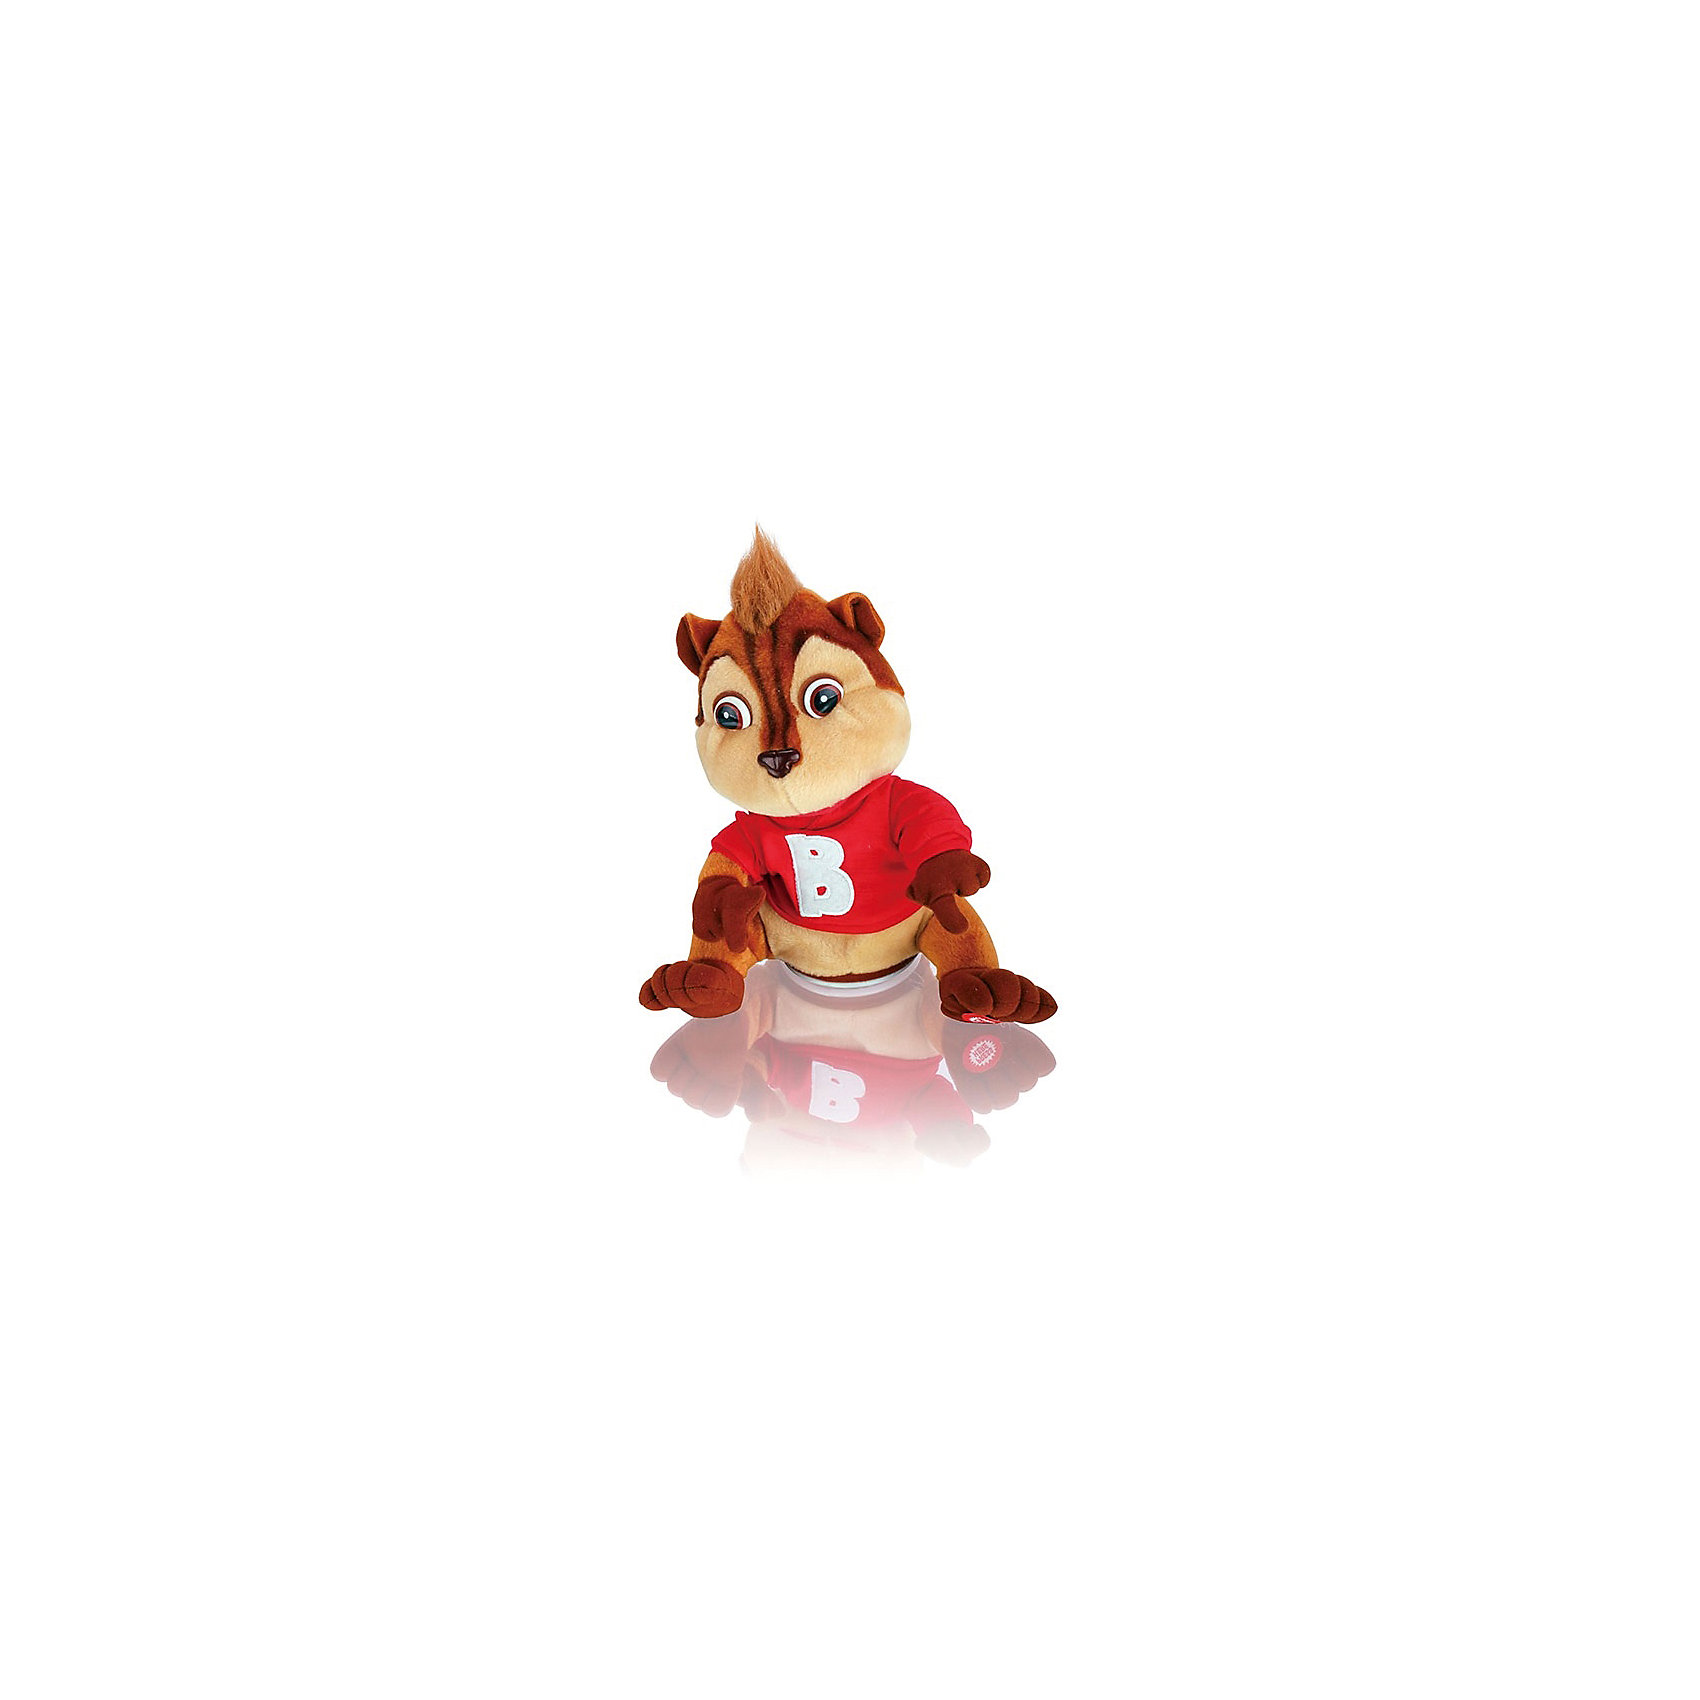 Интерактивная игрушка Музыкальный Бурундук, 24 см, MioshiЗвери и птицы<br>Интерактивная игрушка Музыкальный Бурундук, 24 см, Mioshi (Миоши)<br><br>Характеристики:<br><br>• умеет танцевать и двигать головой<br>• приятен на ощупь<br>• материал: текстиль, мех<br>• размер упаковки: 17х17х26 см<br>• вес: 300 грамм<br><br>Забавный бурундук поднимет настроение вашему малышу. Нажмите игрушке на лапку - она начнет весело двигаться под музыку и забавно двигать головой. Бурундук приятен на ощупь, имеет приятный окрас и яркий свитер. Такая интересная игрушка подарит море положительных эмоций ребенку!<br><br>Интерактивную игрушку Музыкальный Бурундук, 24 см, Mioshi (Миоши) вы можете купить в нашем интернет-магазине.<br><br>Ширина мм: 170<br>Глубина мм: 170<br>Высота мм: 260<br>Вес г: 426<br>Возраст от месяцев: 36<br>Возраст до месяцев: 72<br>Пол: Унисекс<br>Возраст: Детский<br>SKU: 4342828